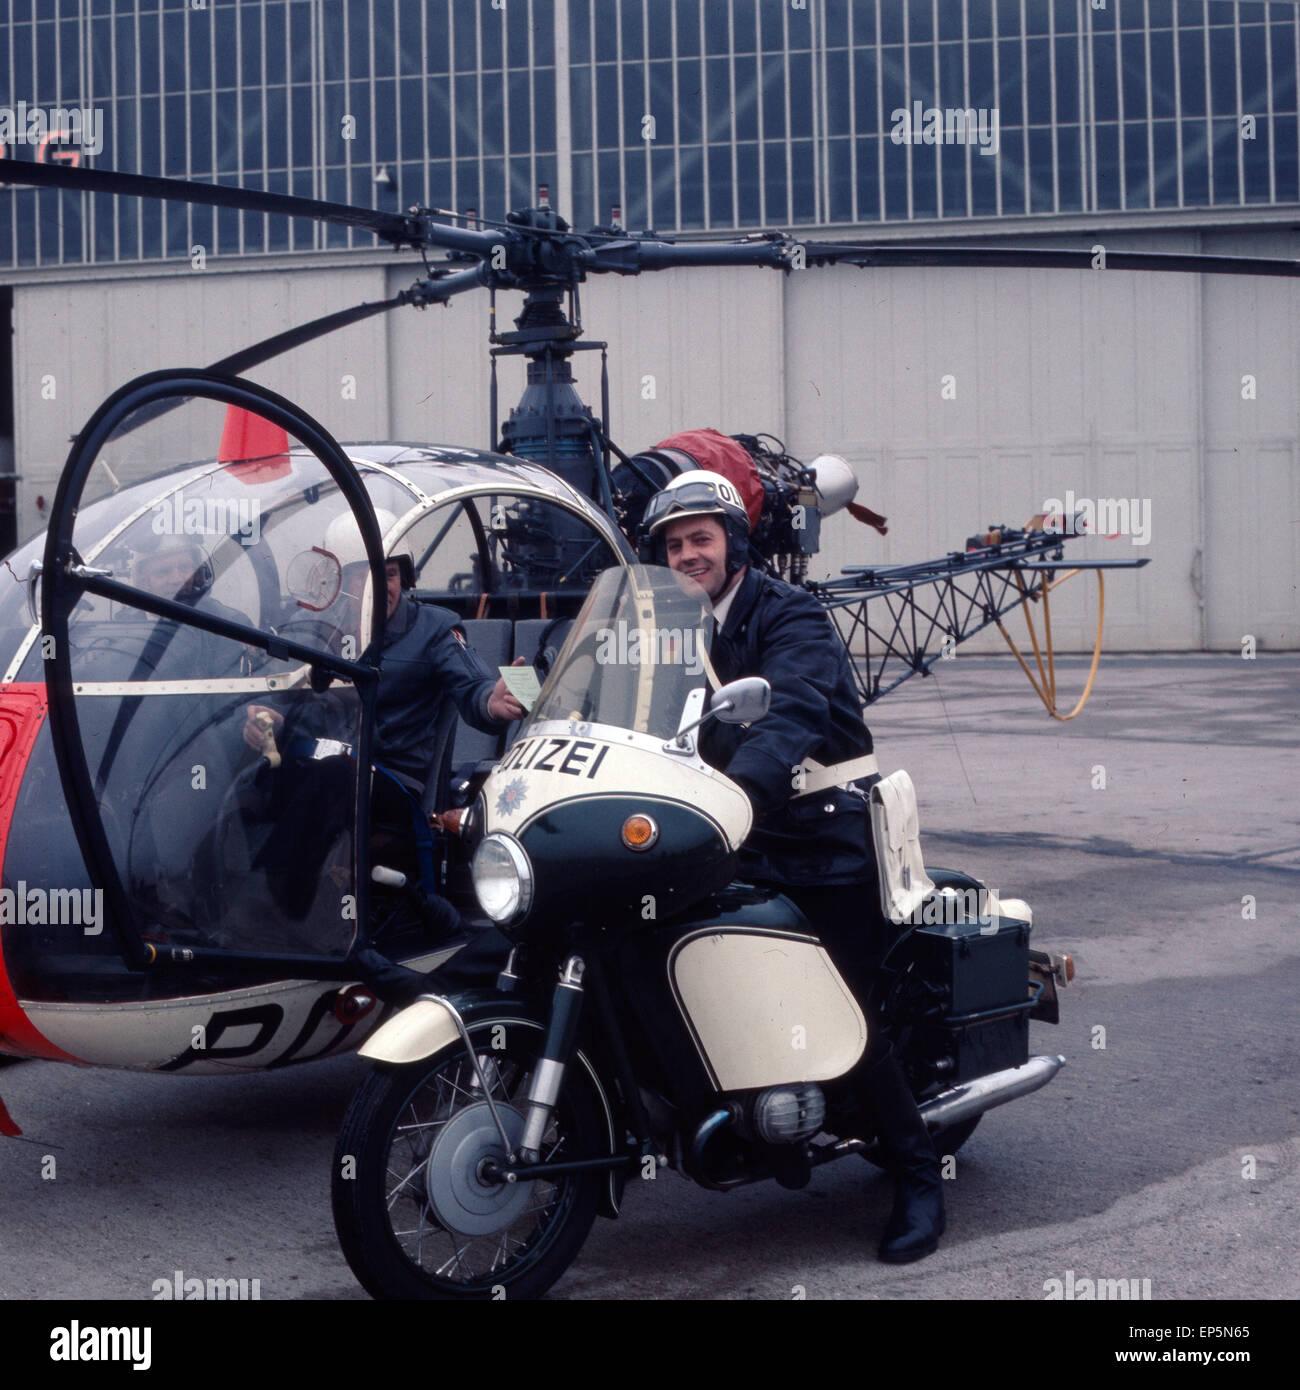 Polizeifunk Nrw